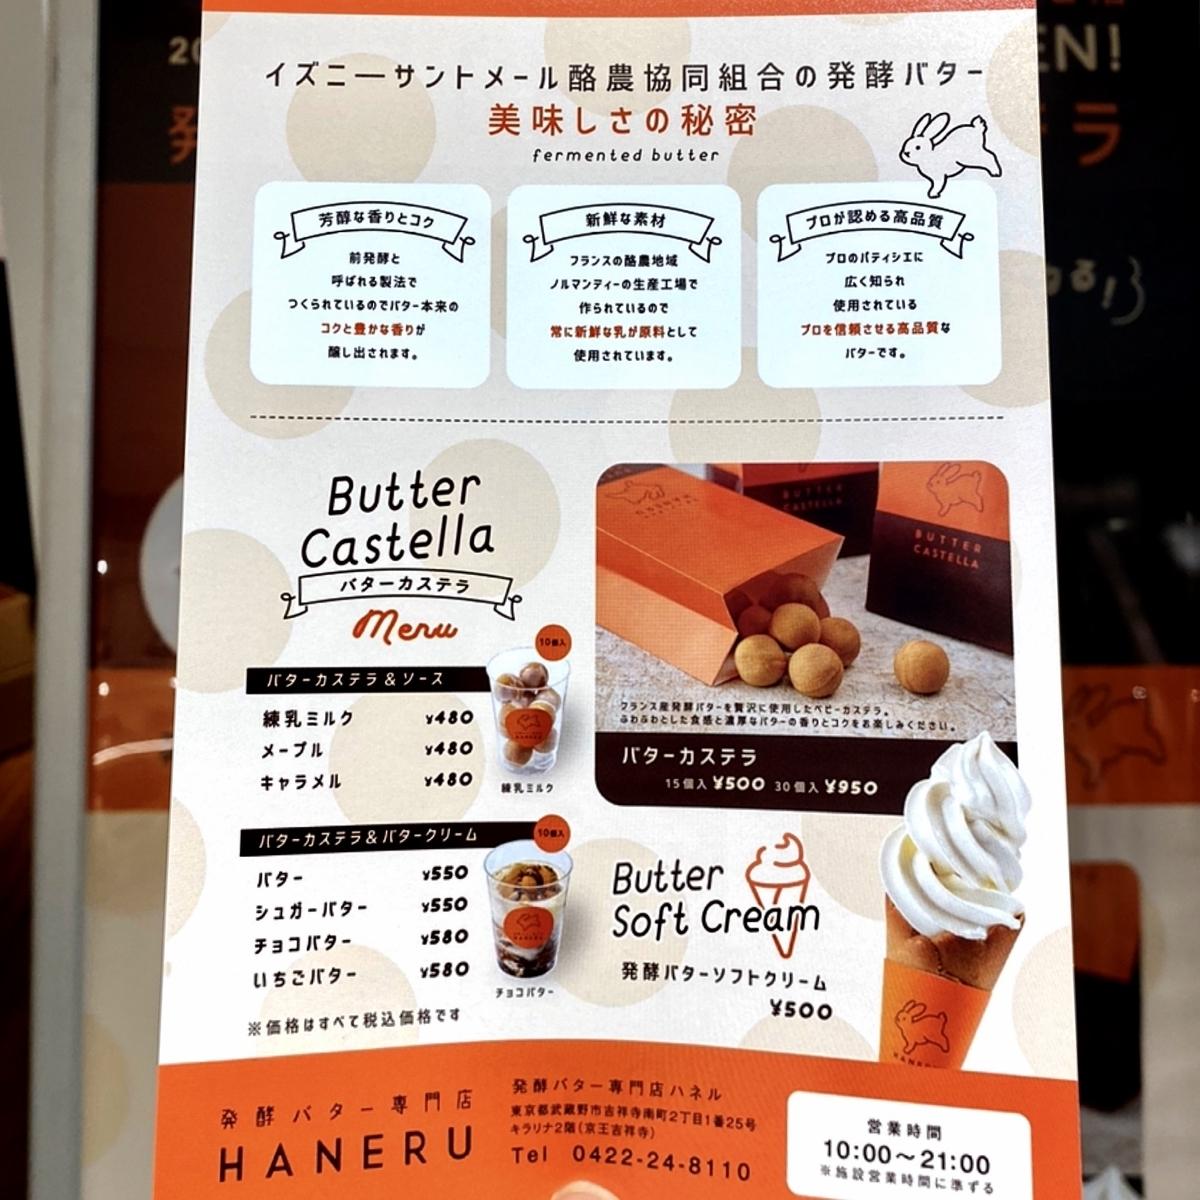 「バターカステラ専門店 HANERU」のメニューと値段